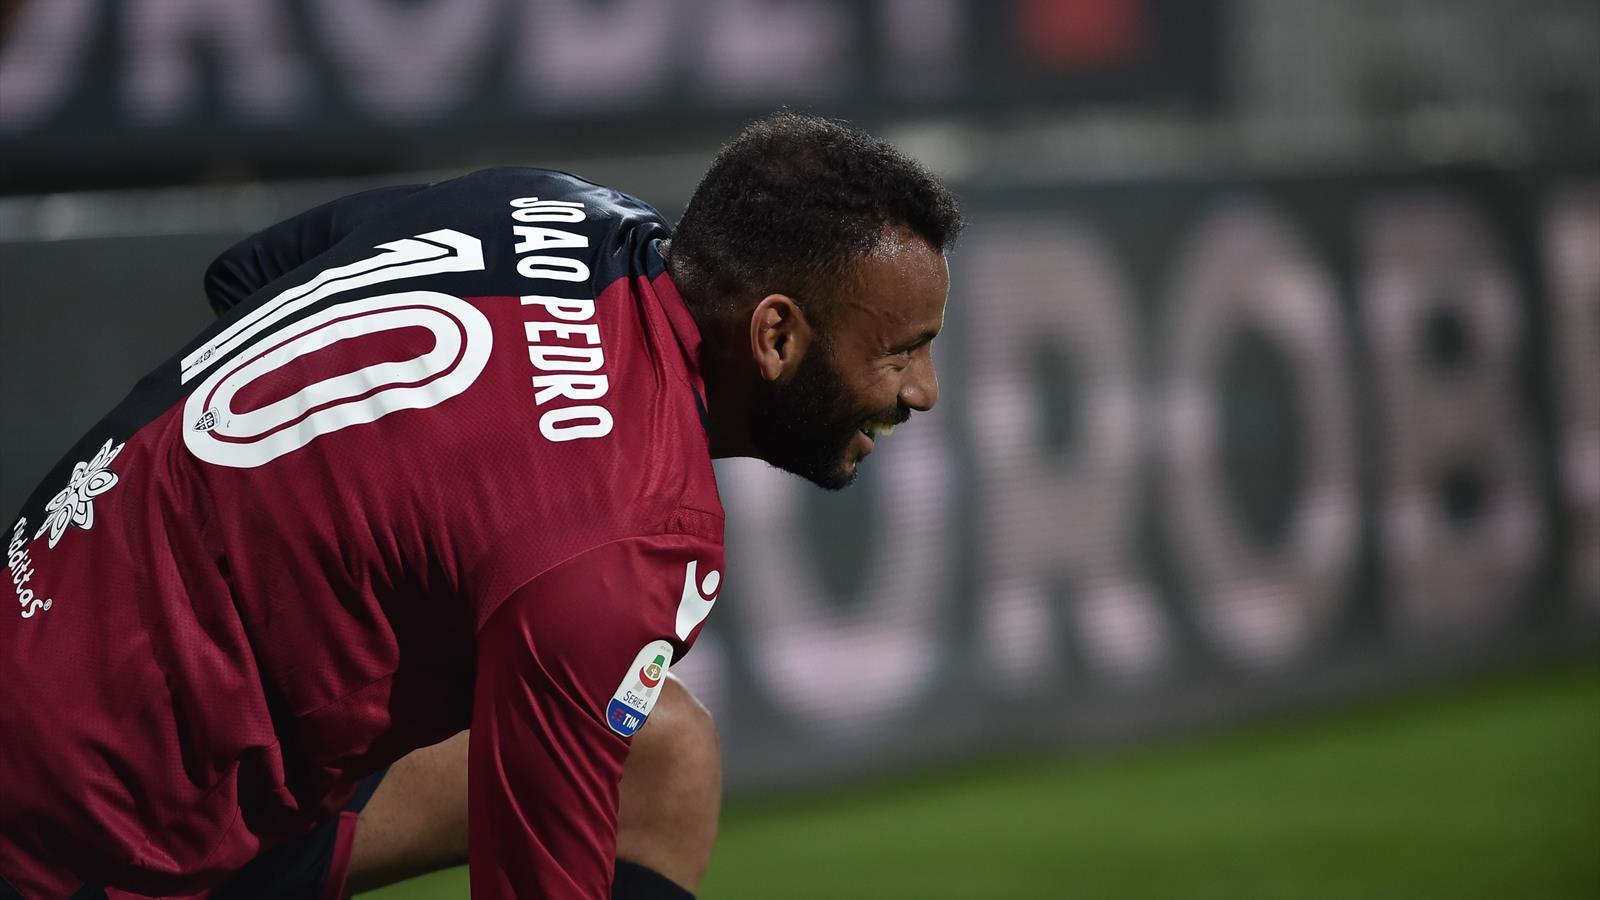 Le pagelle di Cagliari-Frosinone 1-0: il migliore è Joao Pedro